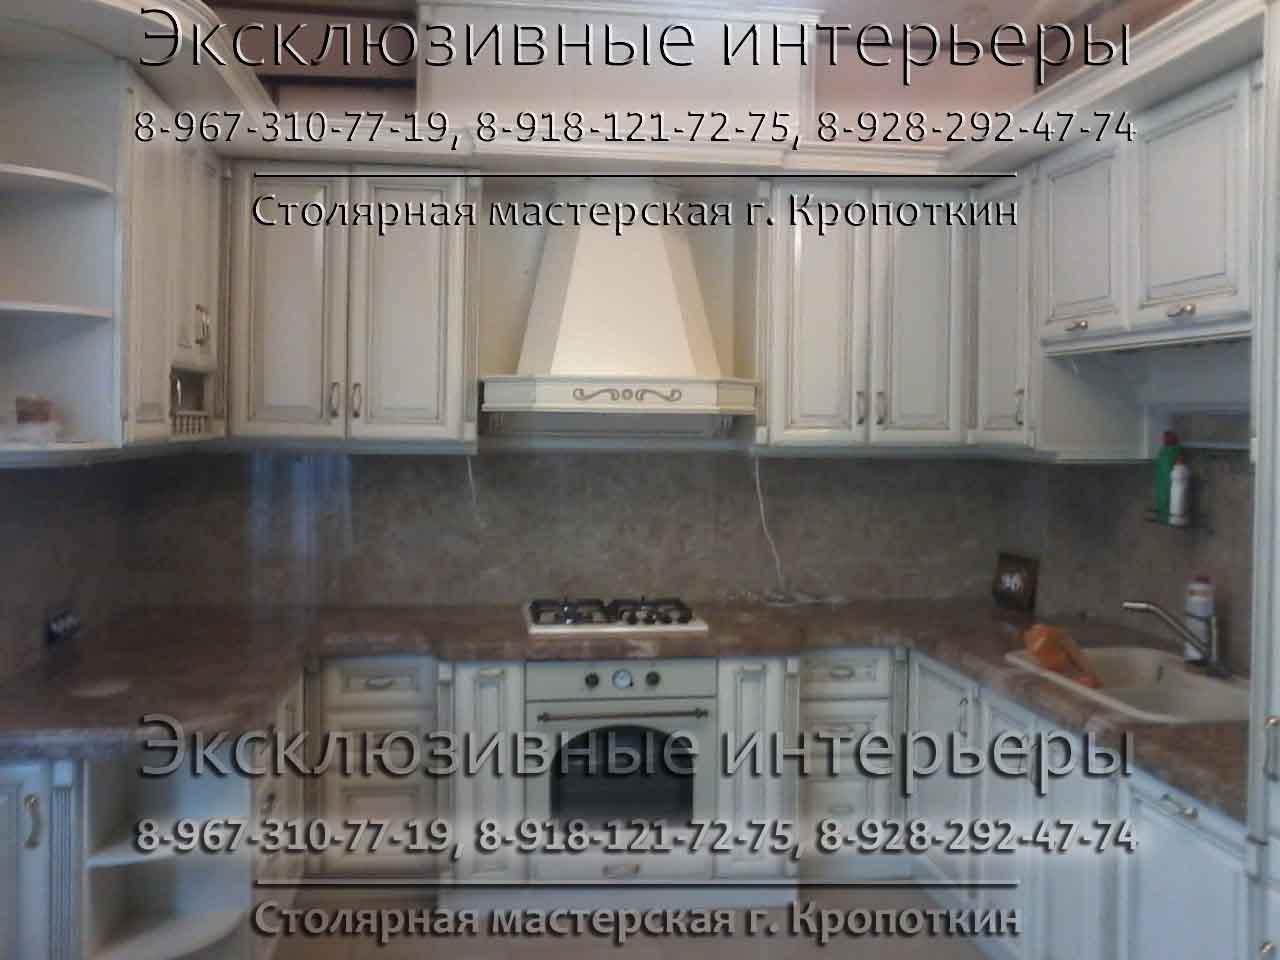 Столярные изделия на заказ в Кропоткине и Кавказском районе Краснодарского края